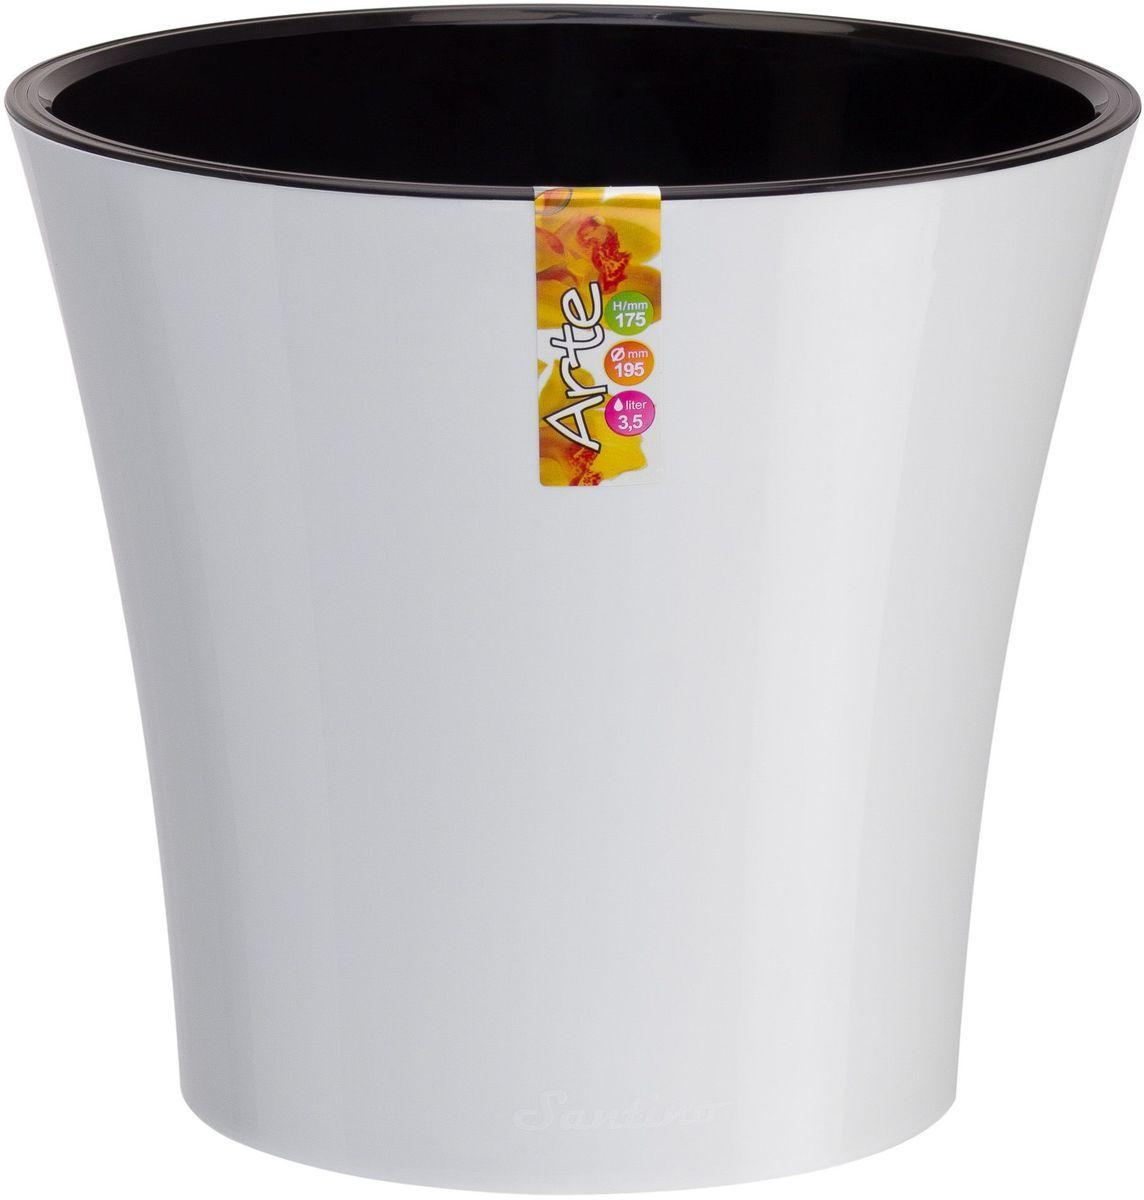 Горшок цветочный Santino Арте, двойной, с системой автополива, цвет: белый, черный, 1,2 лАРТ 1,2 Б-ЧСистем автополива - гарантия здоровья ваших цветов. Экономия времени - решение для самых занятых. Чистота и удобство - нет протекания воды при поливе. Здоровые корини - нет застаивания корней в воде. Оптимальный рост - корни обеспечены циркуляцией воздуха.